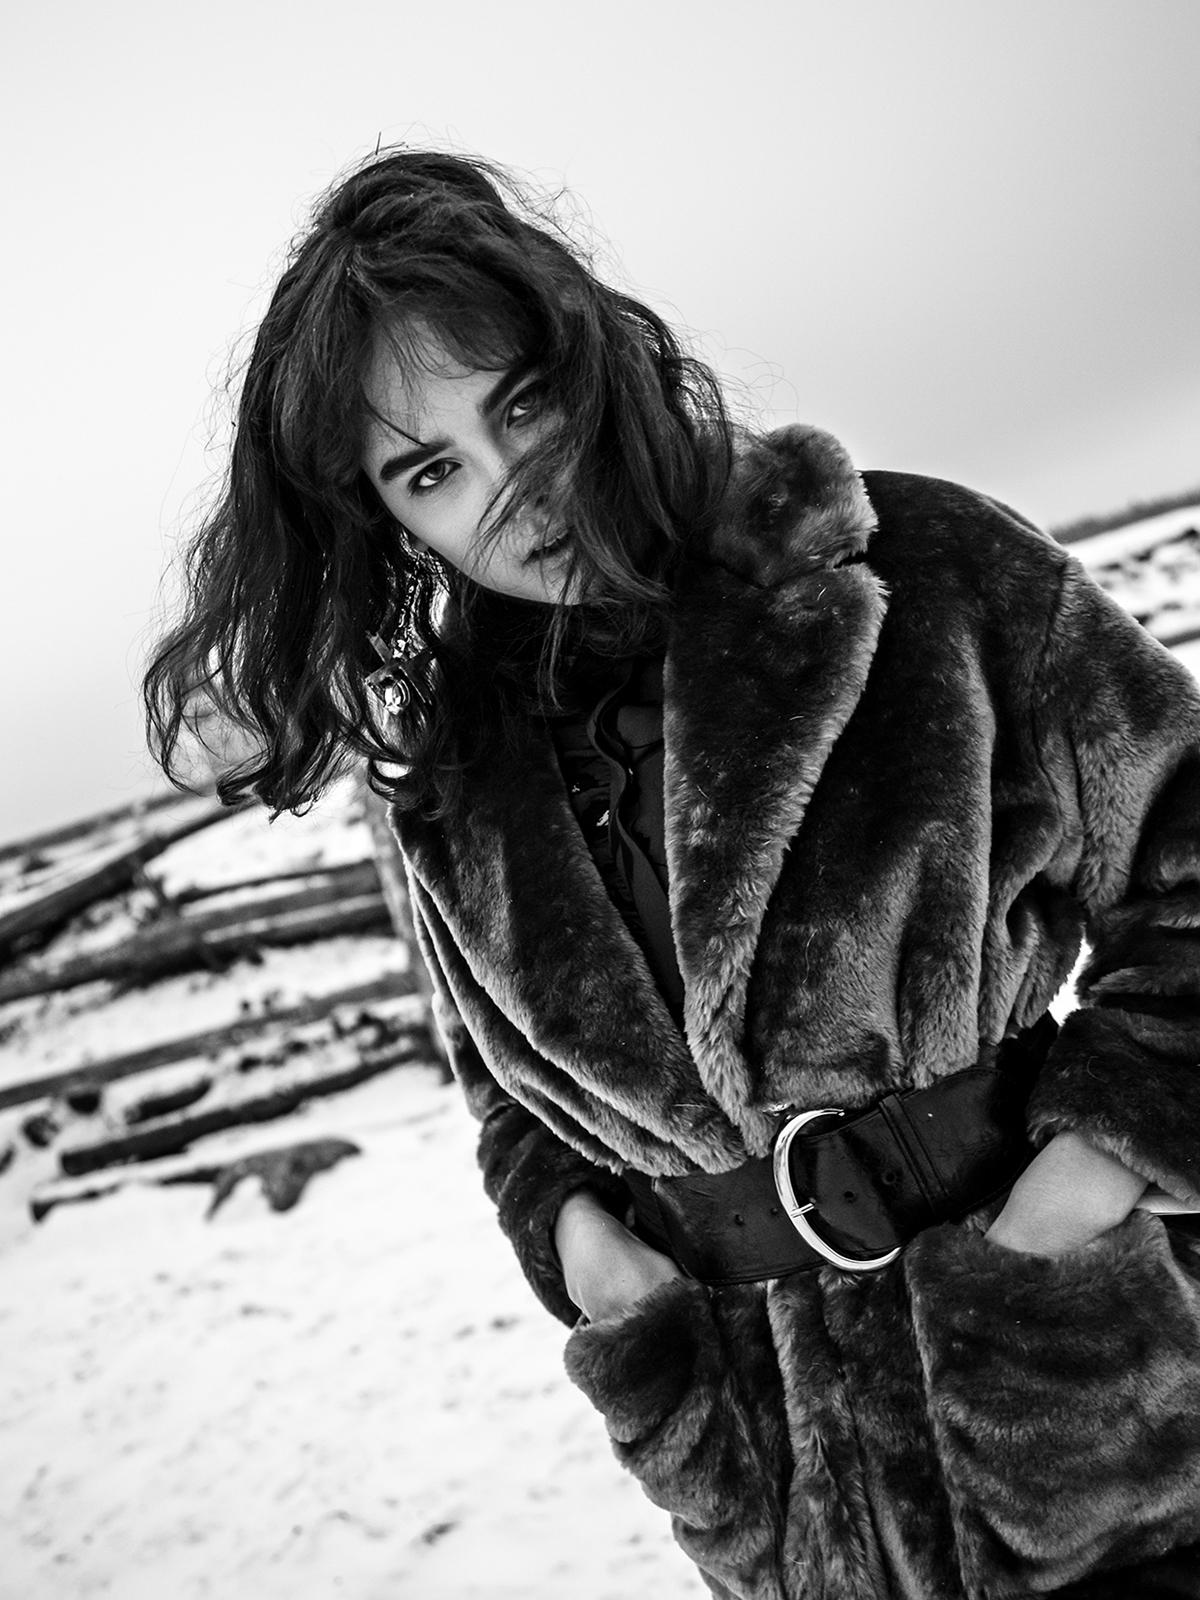 Традиционная русская зима / фотограф Данил Ярошук